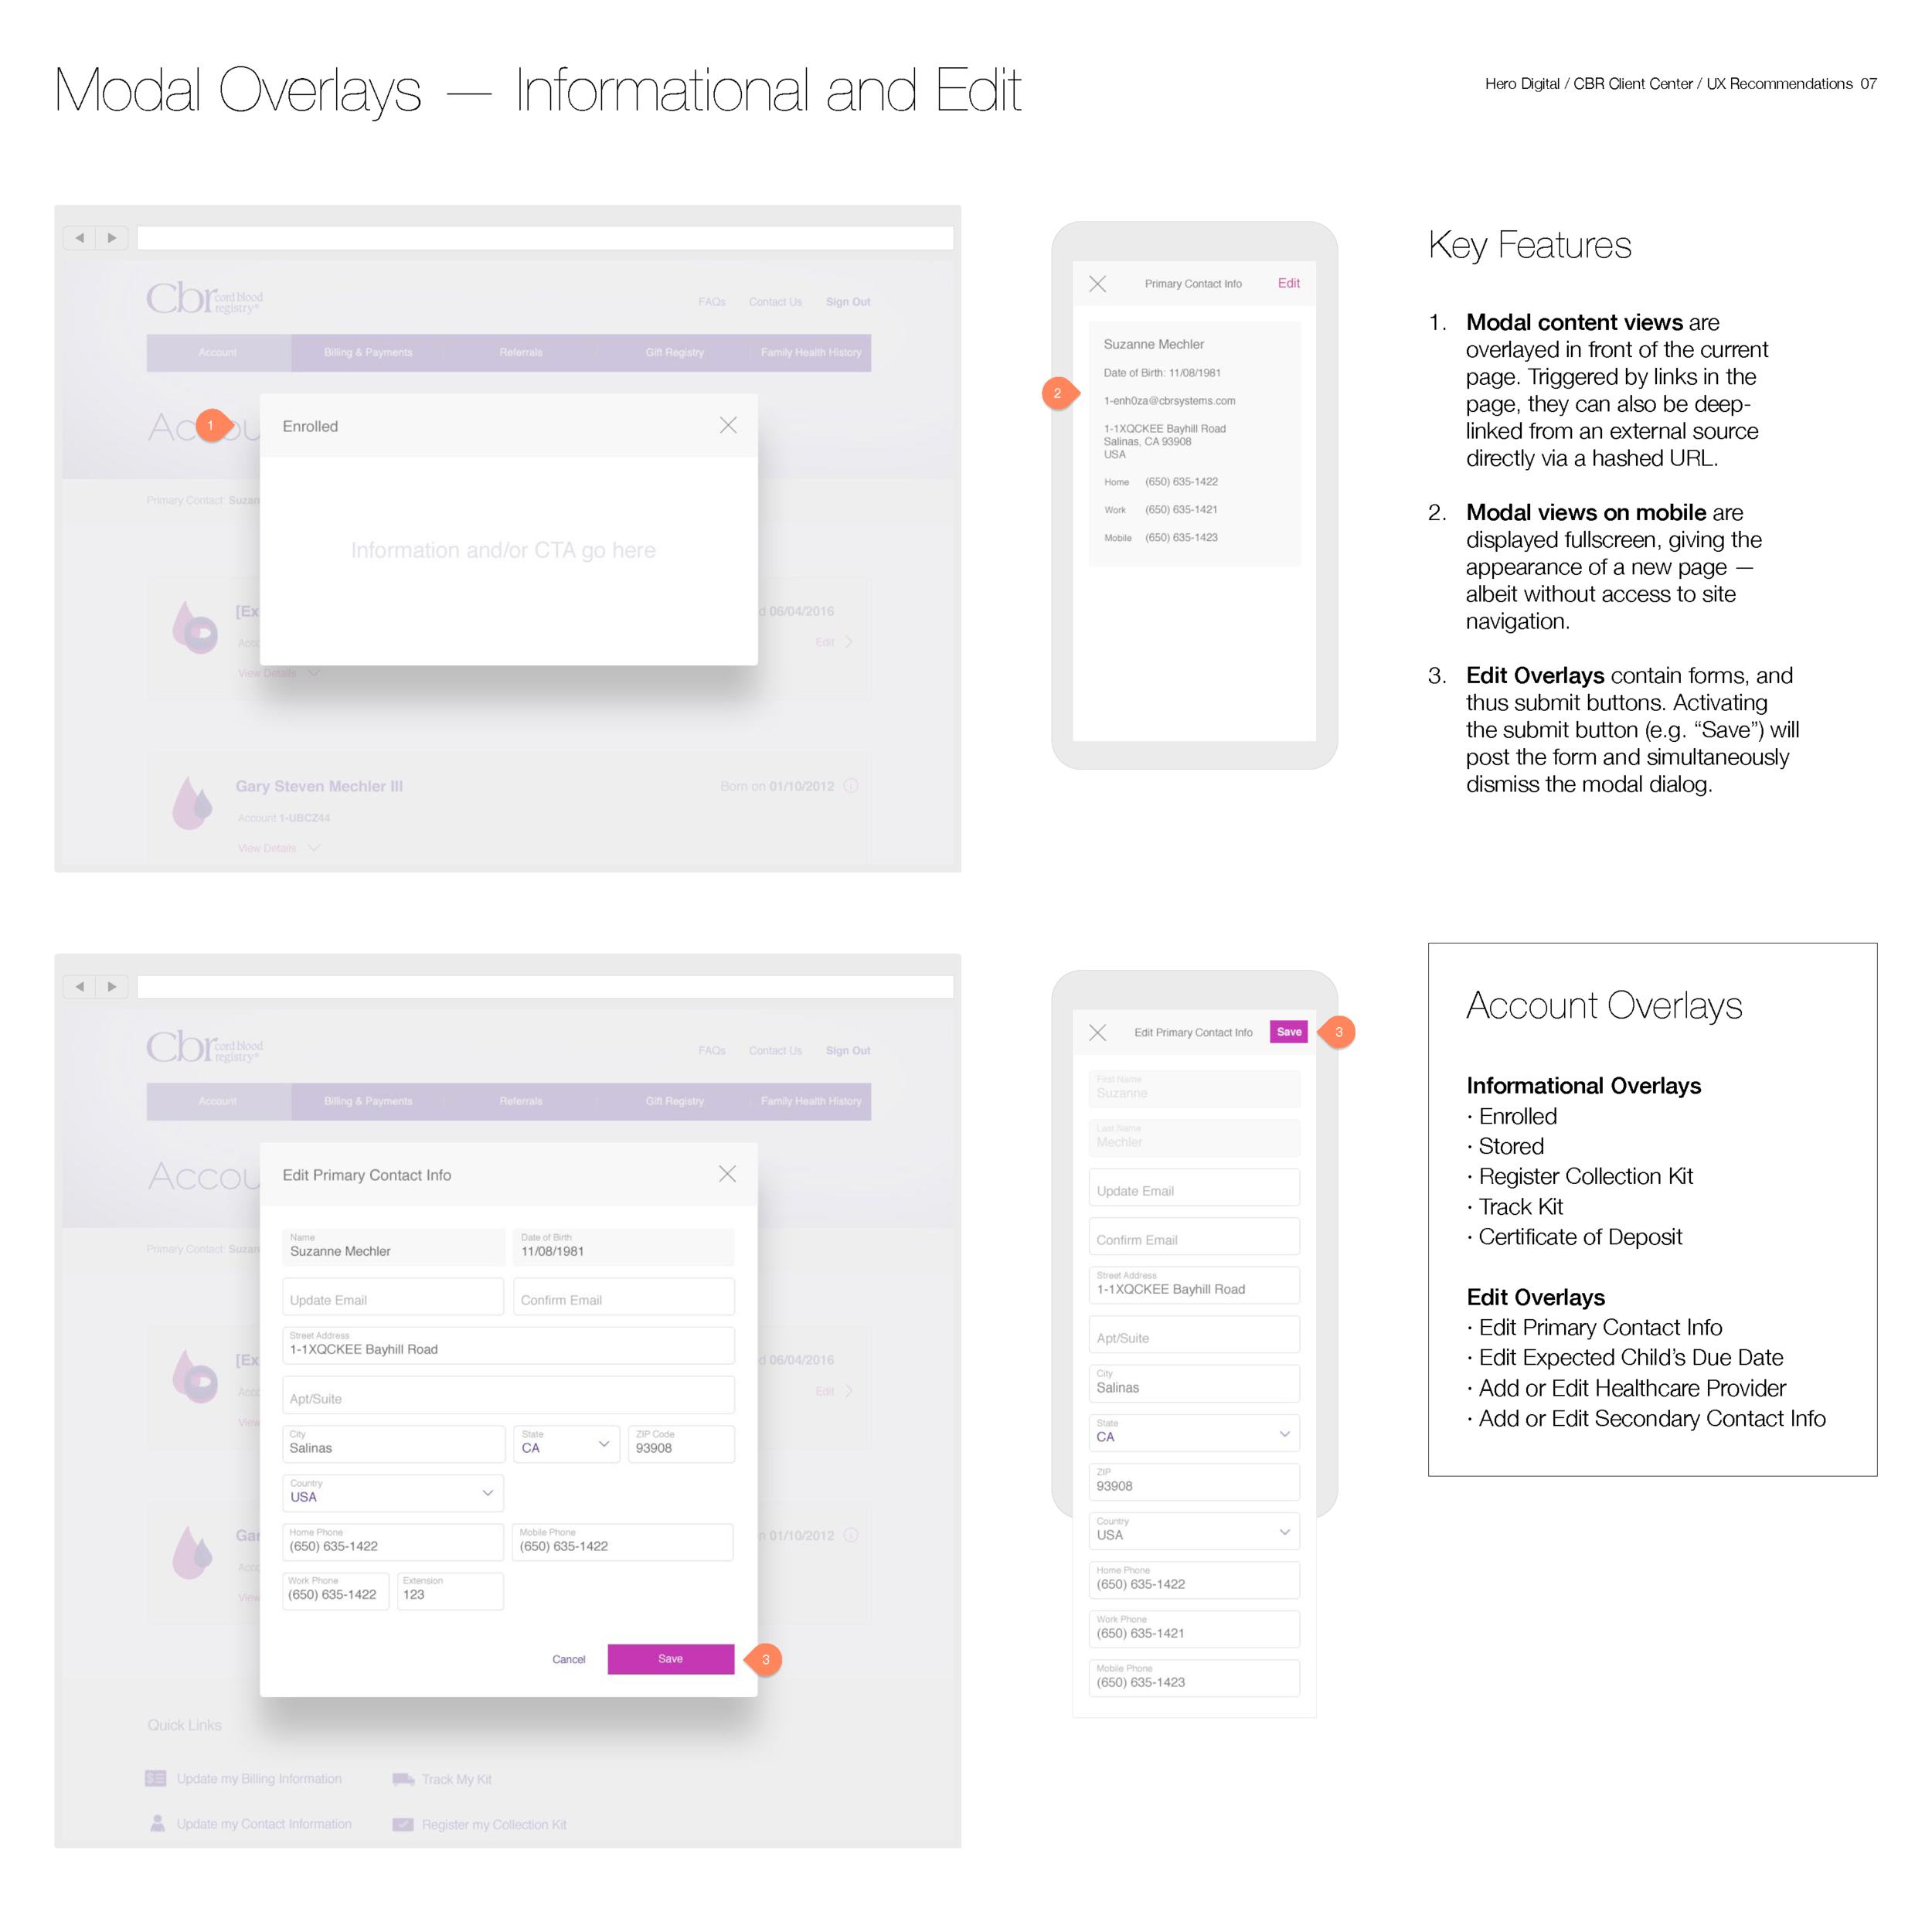 cbr05 modals info+edit.png